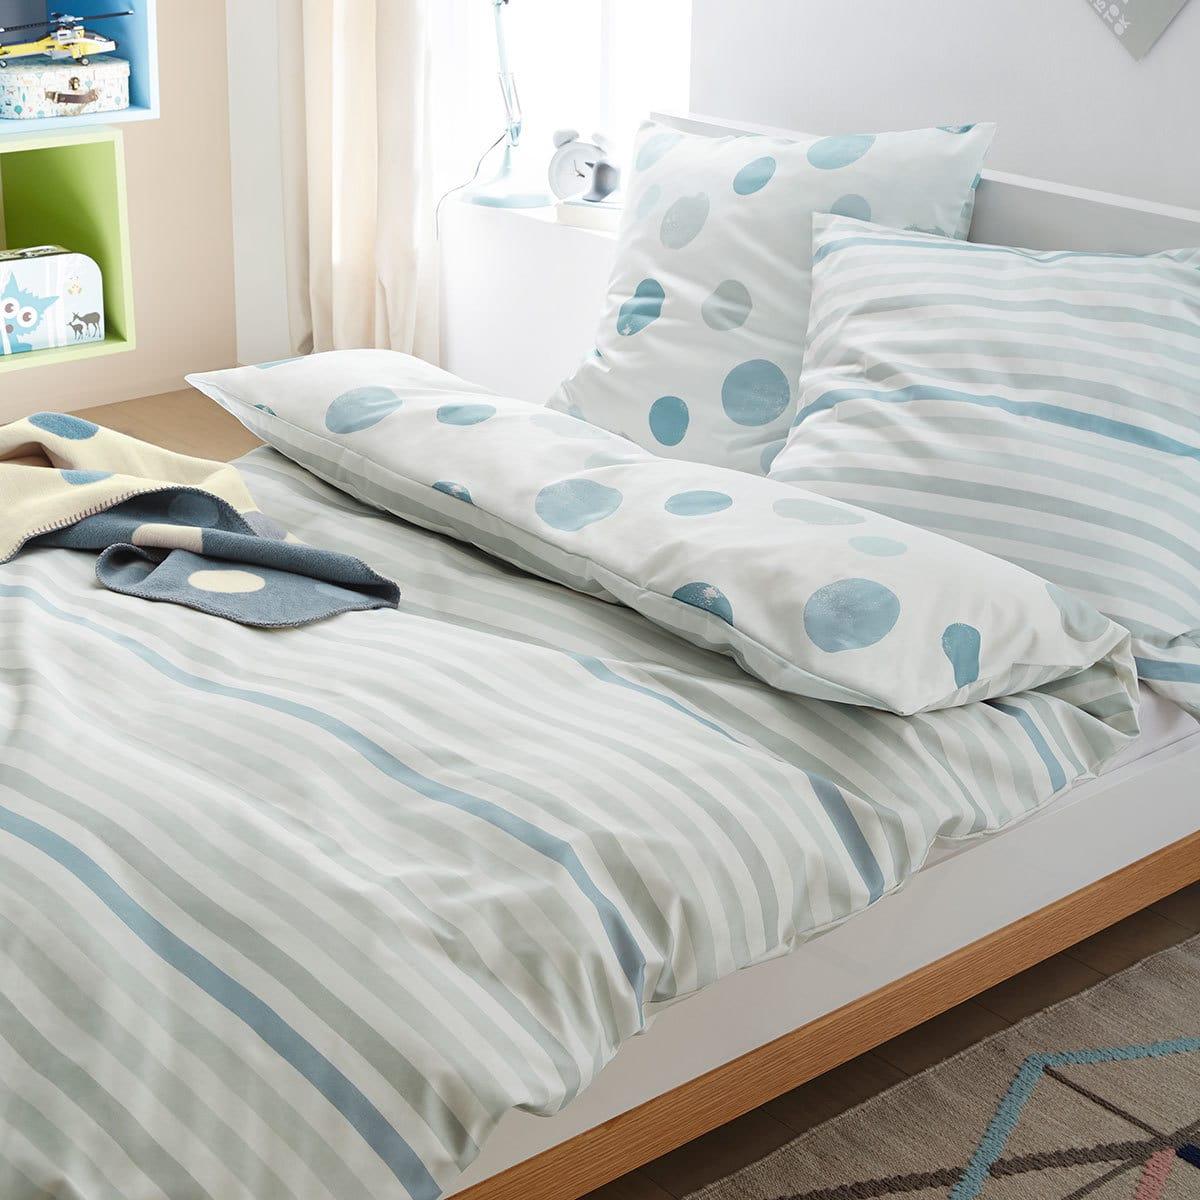 s oliver flanell kinderbettw sche streifen blau g nstig online kaufen bei bettwaren shop. Black Bedroom Furniture Sets. Home Design Ideas